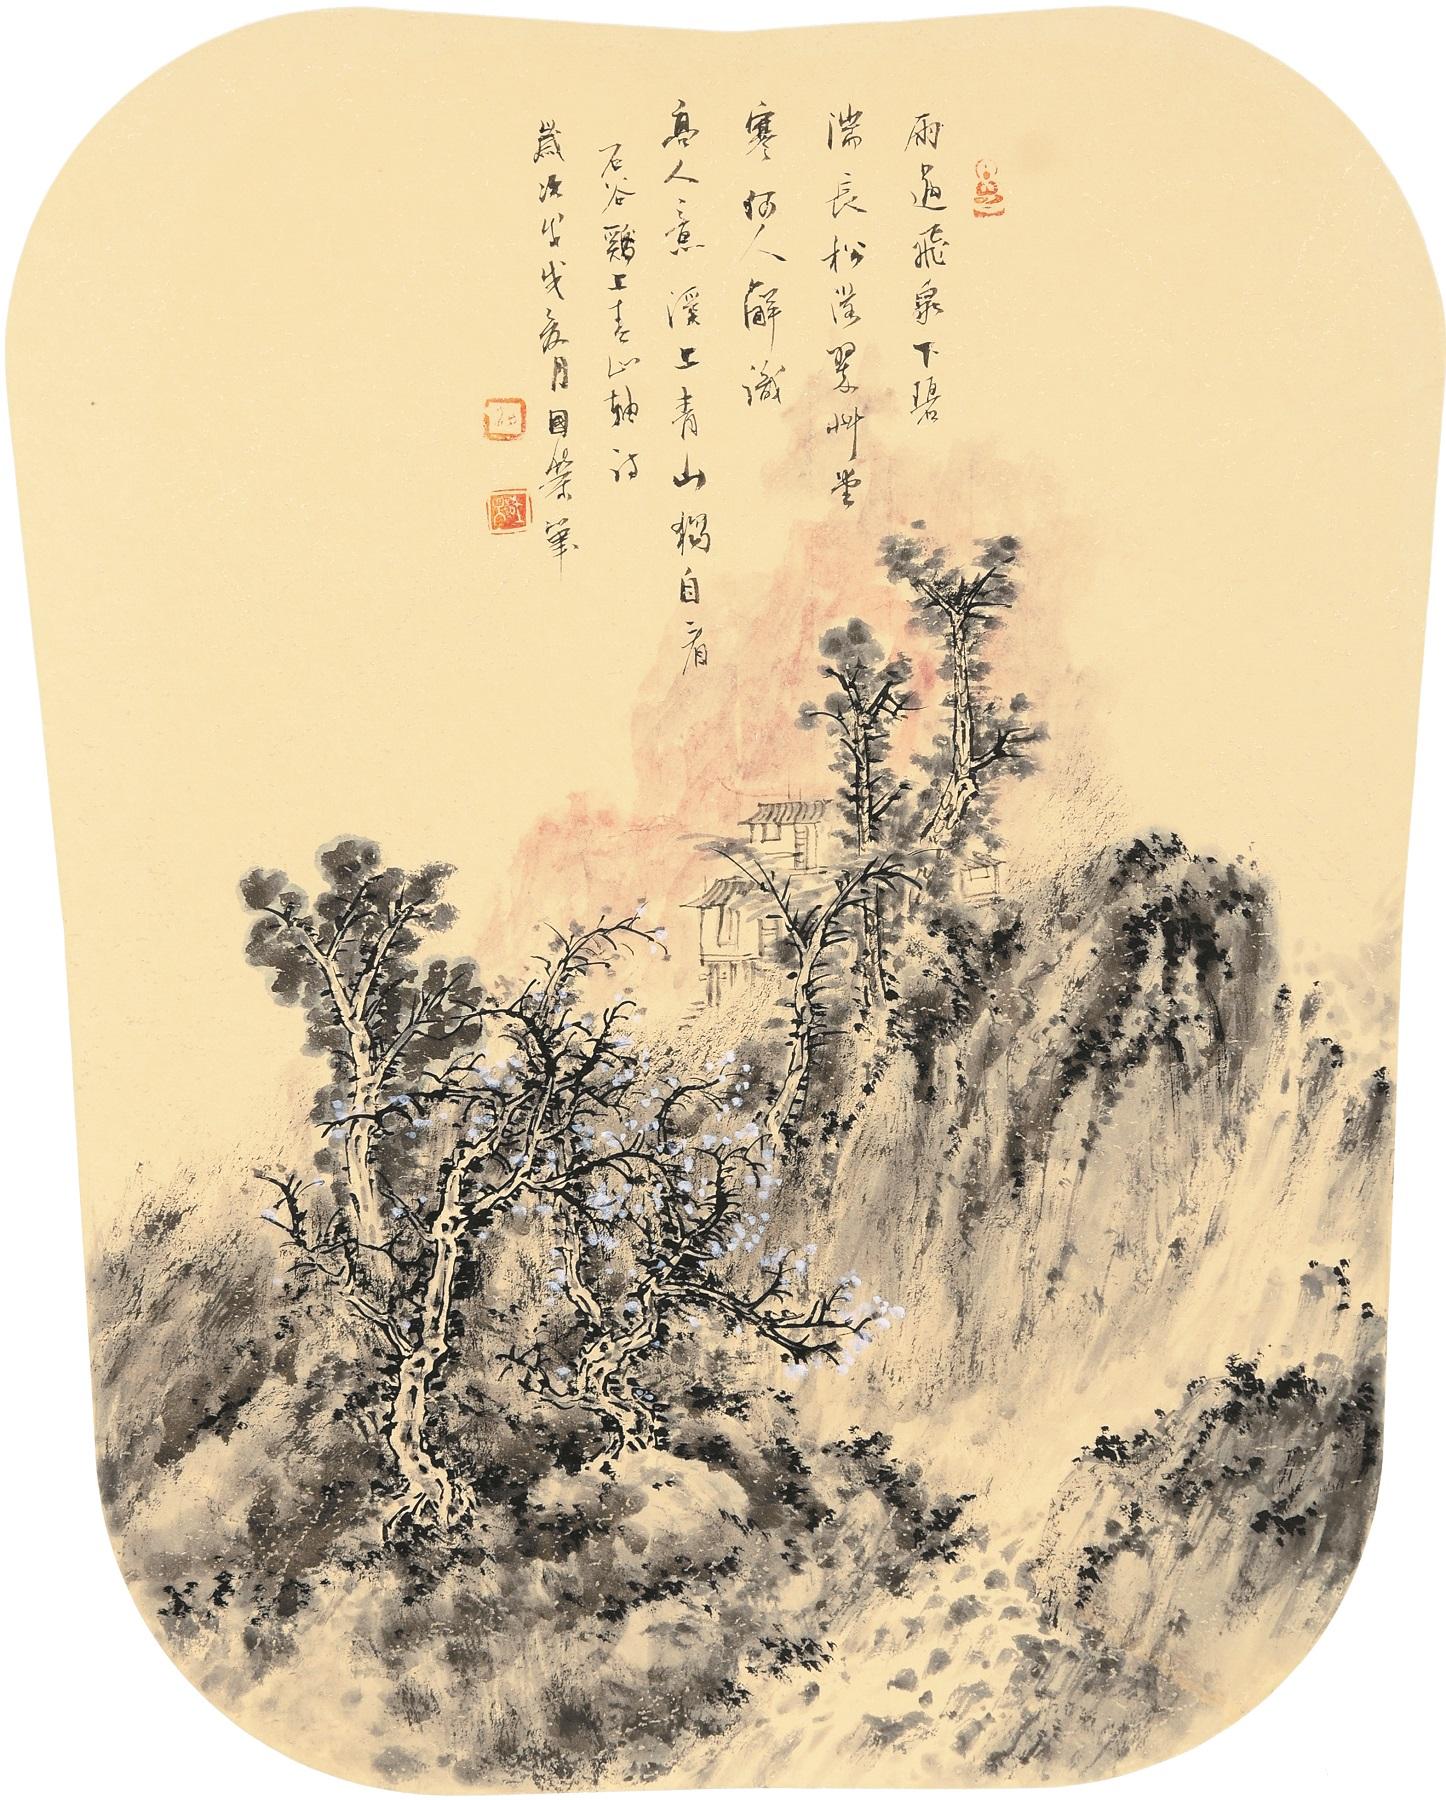 石谷诗意图  30×40  纸本水墨  2018年.jpg